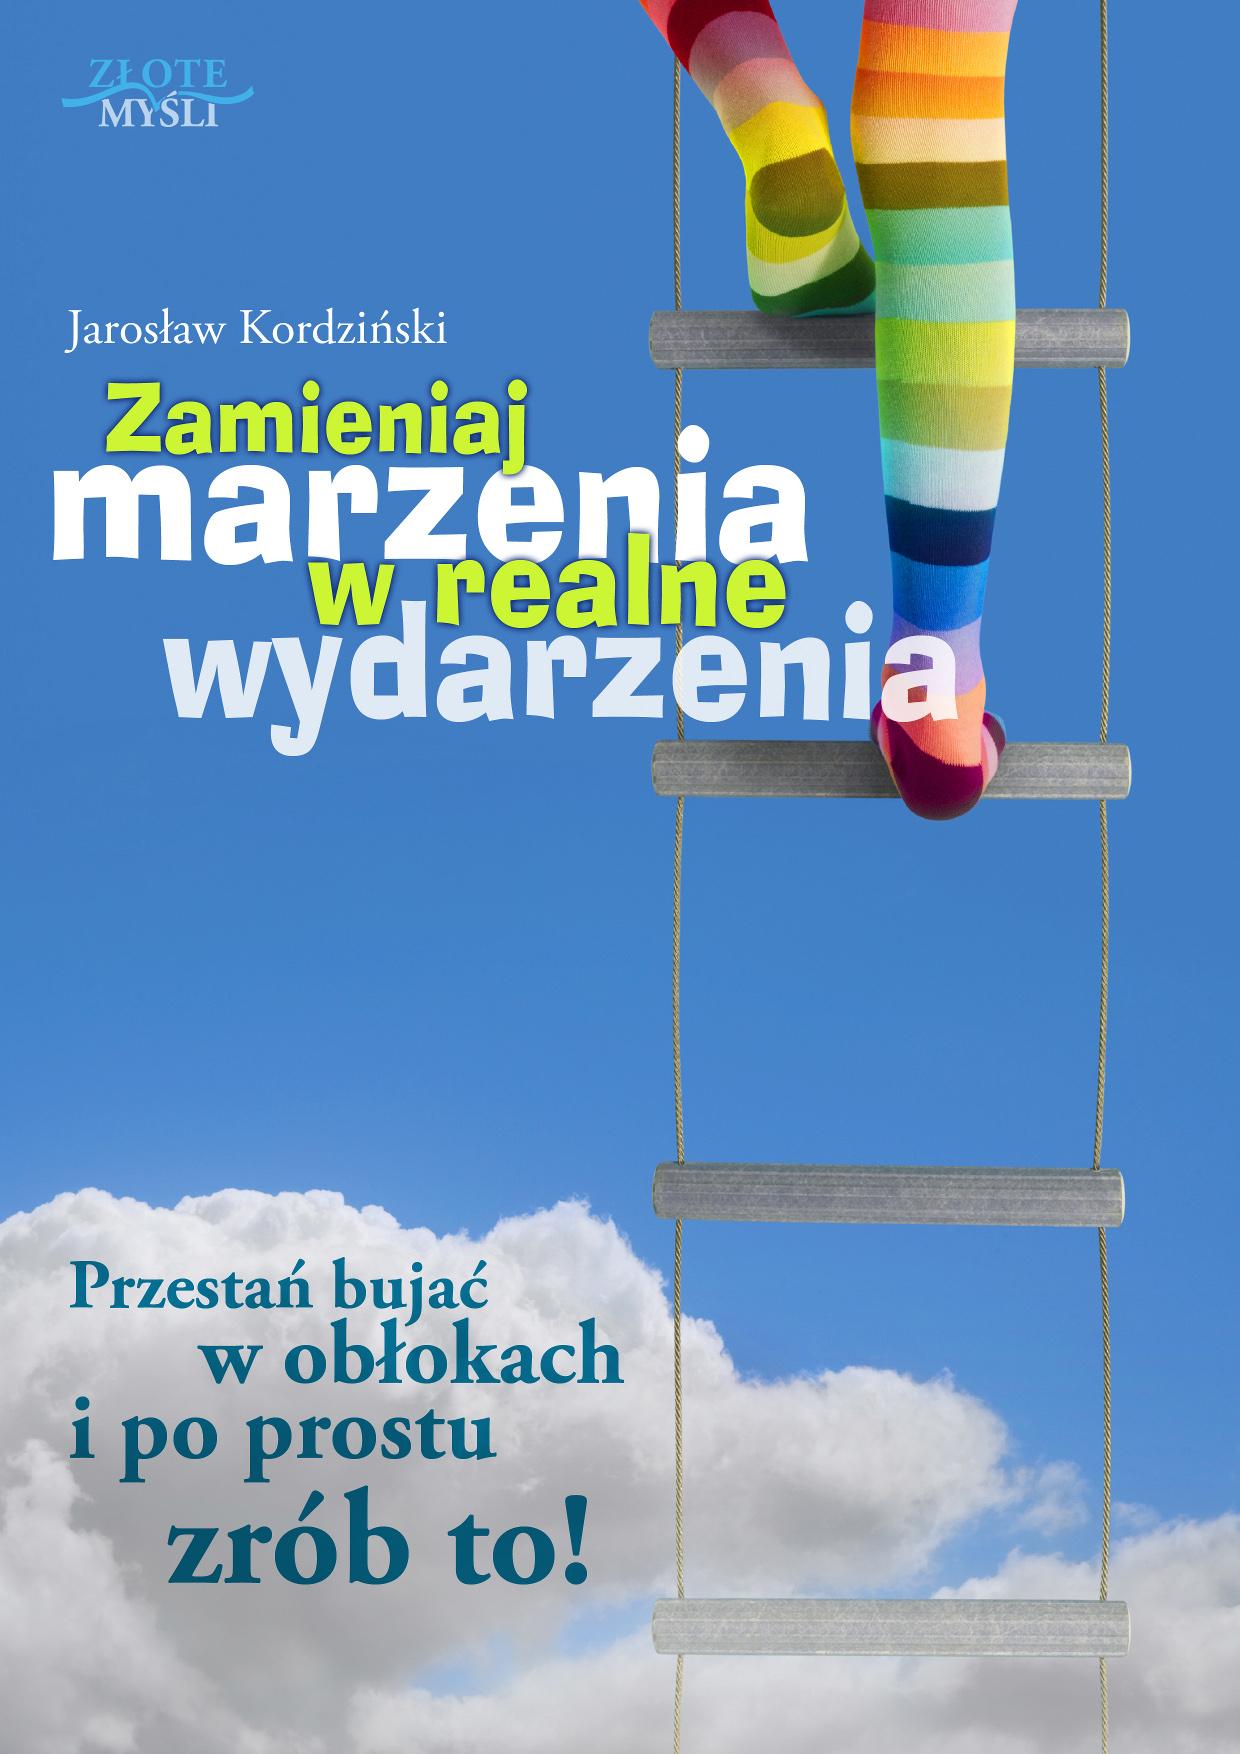 Jarosław Kordziński: Zamieniaj marzenia w realne wydarzenia - okładka